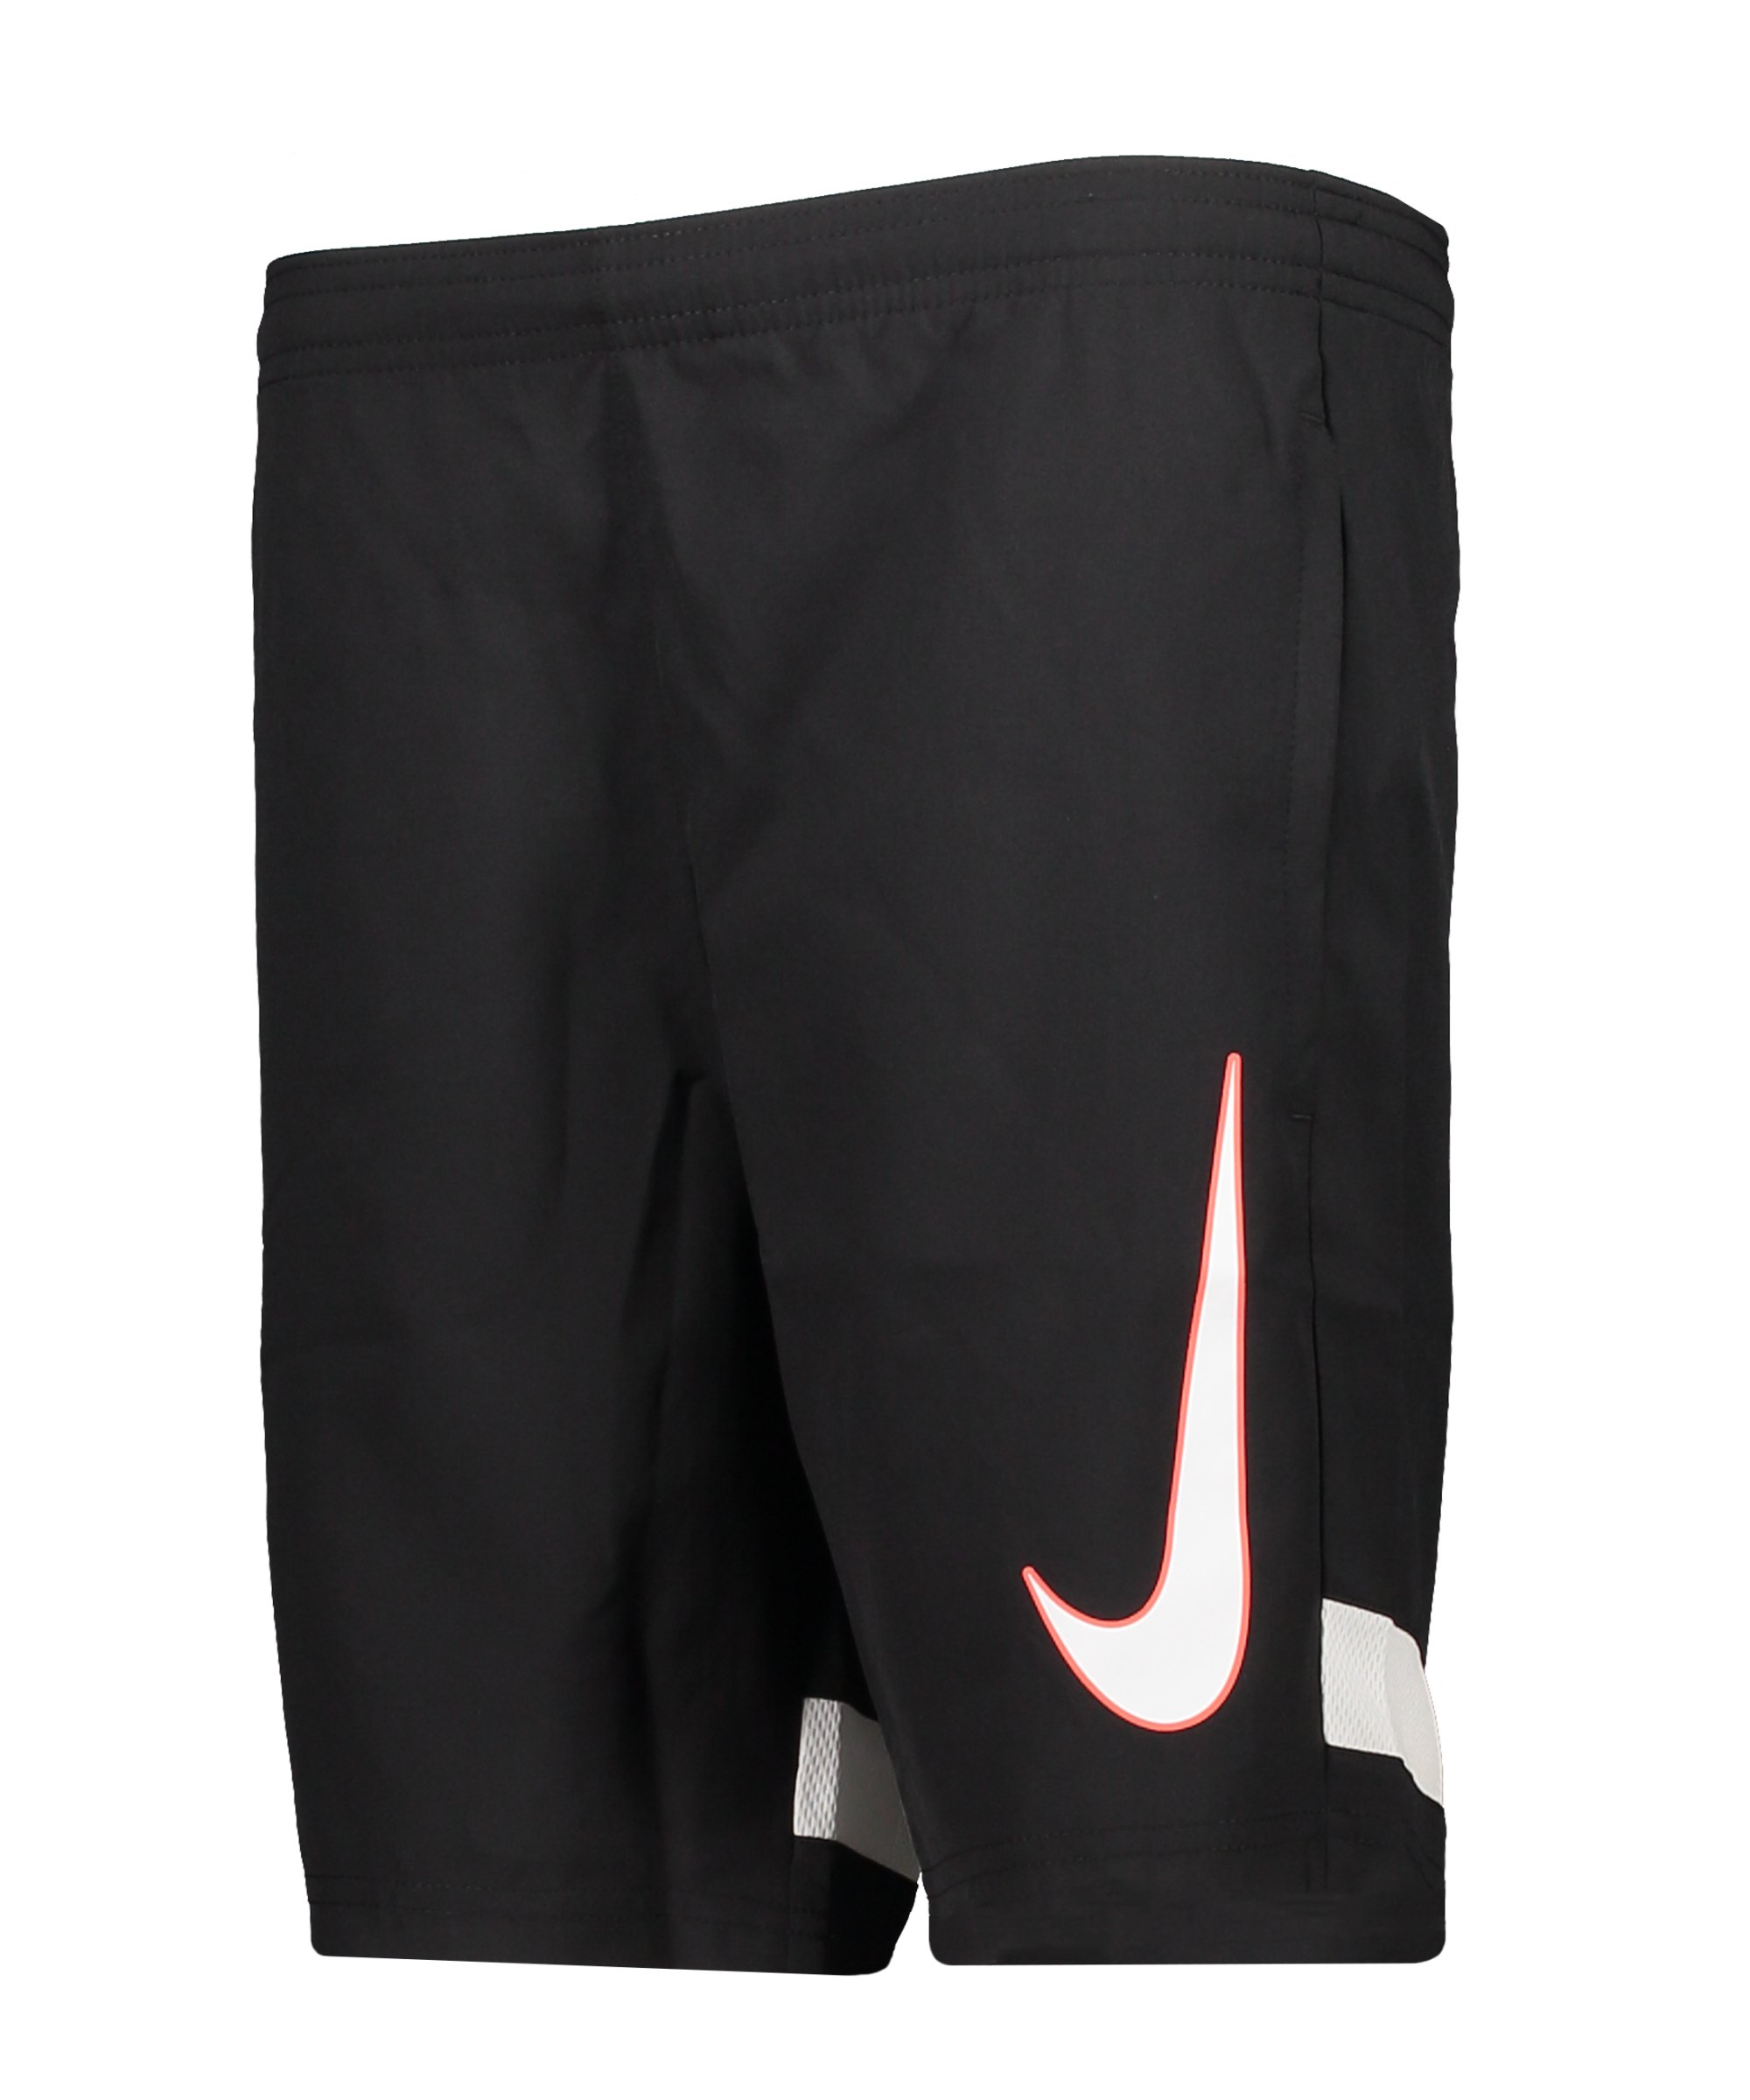 Nike Dri-Fit Academy Short Kids Schwarz F014 - schwarz